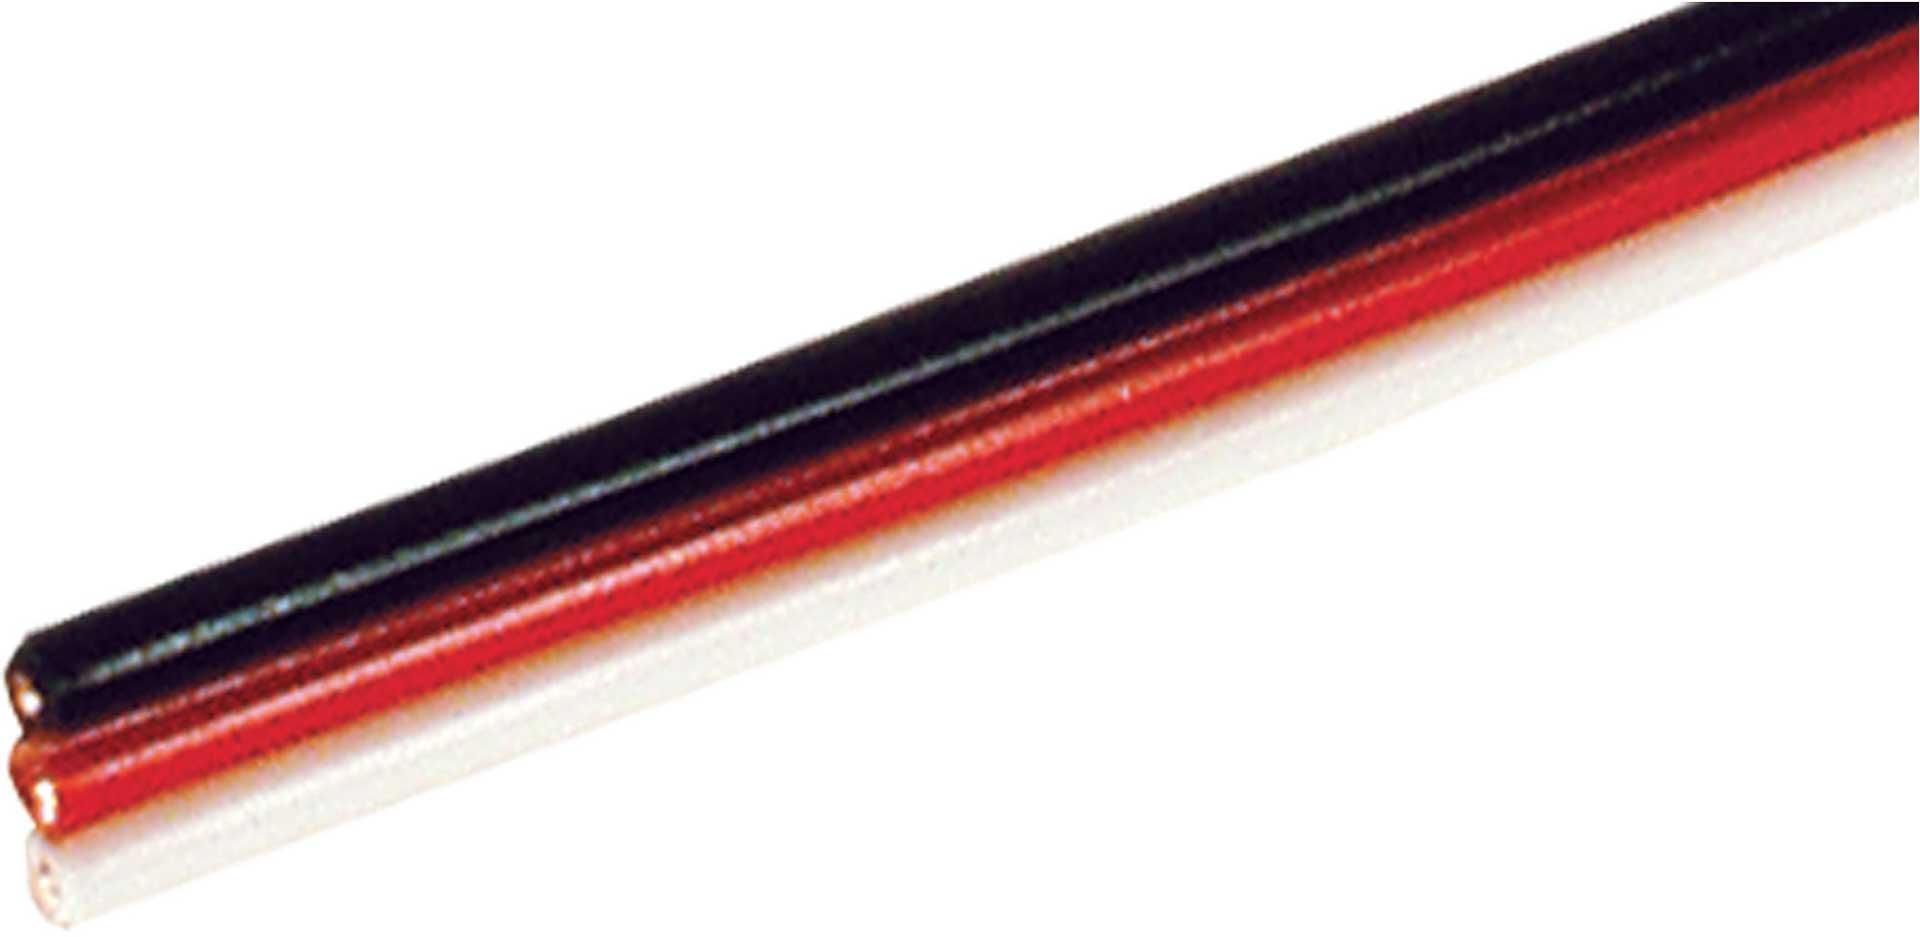 ROBBE Servokabel Futaba 5 Meter flach 0,33mm² (22AWG) PVC Meterware